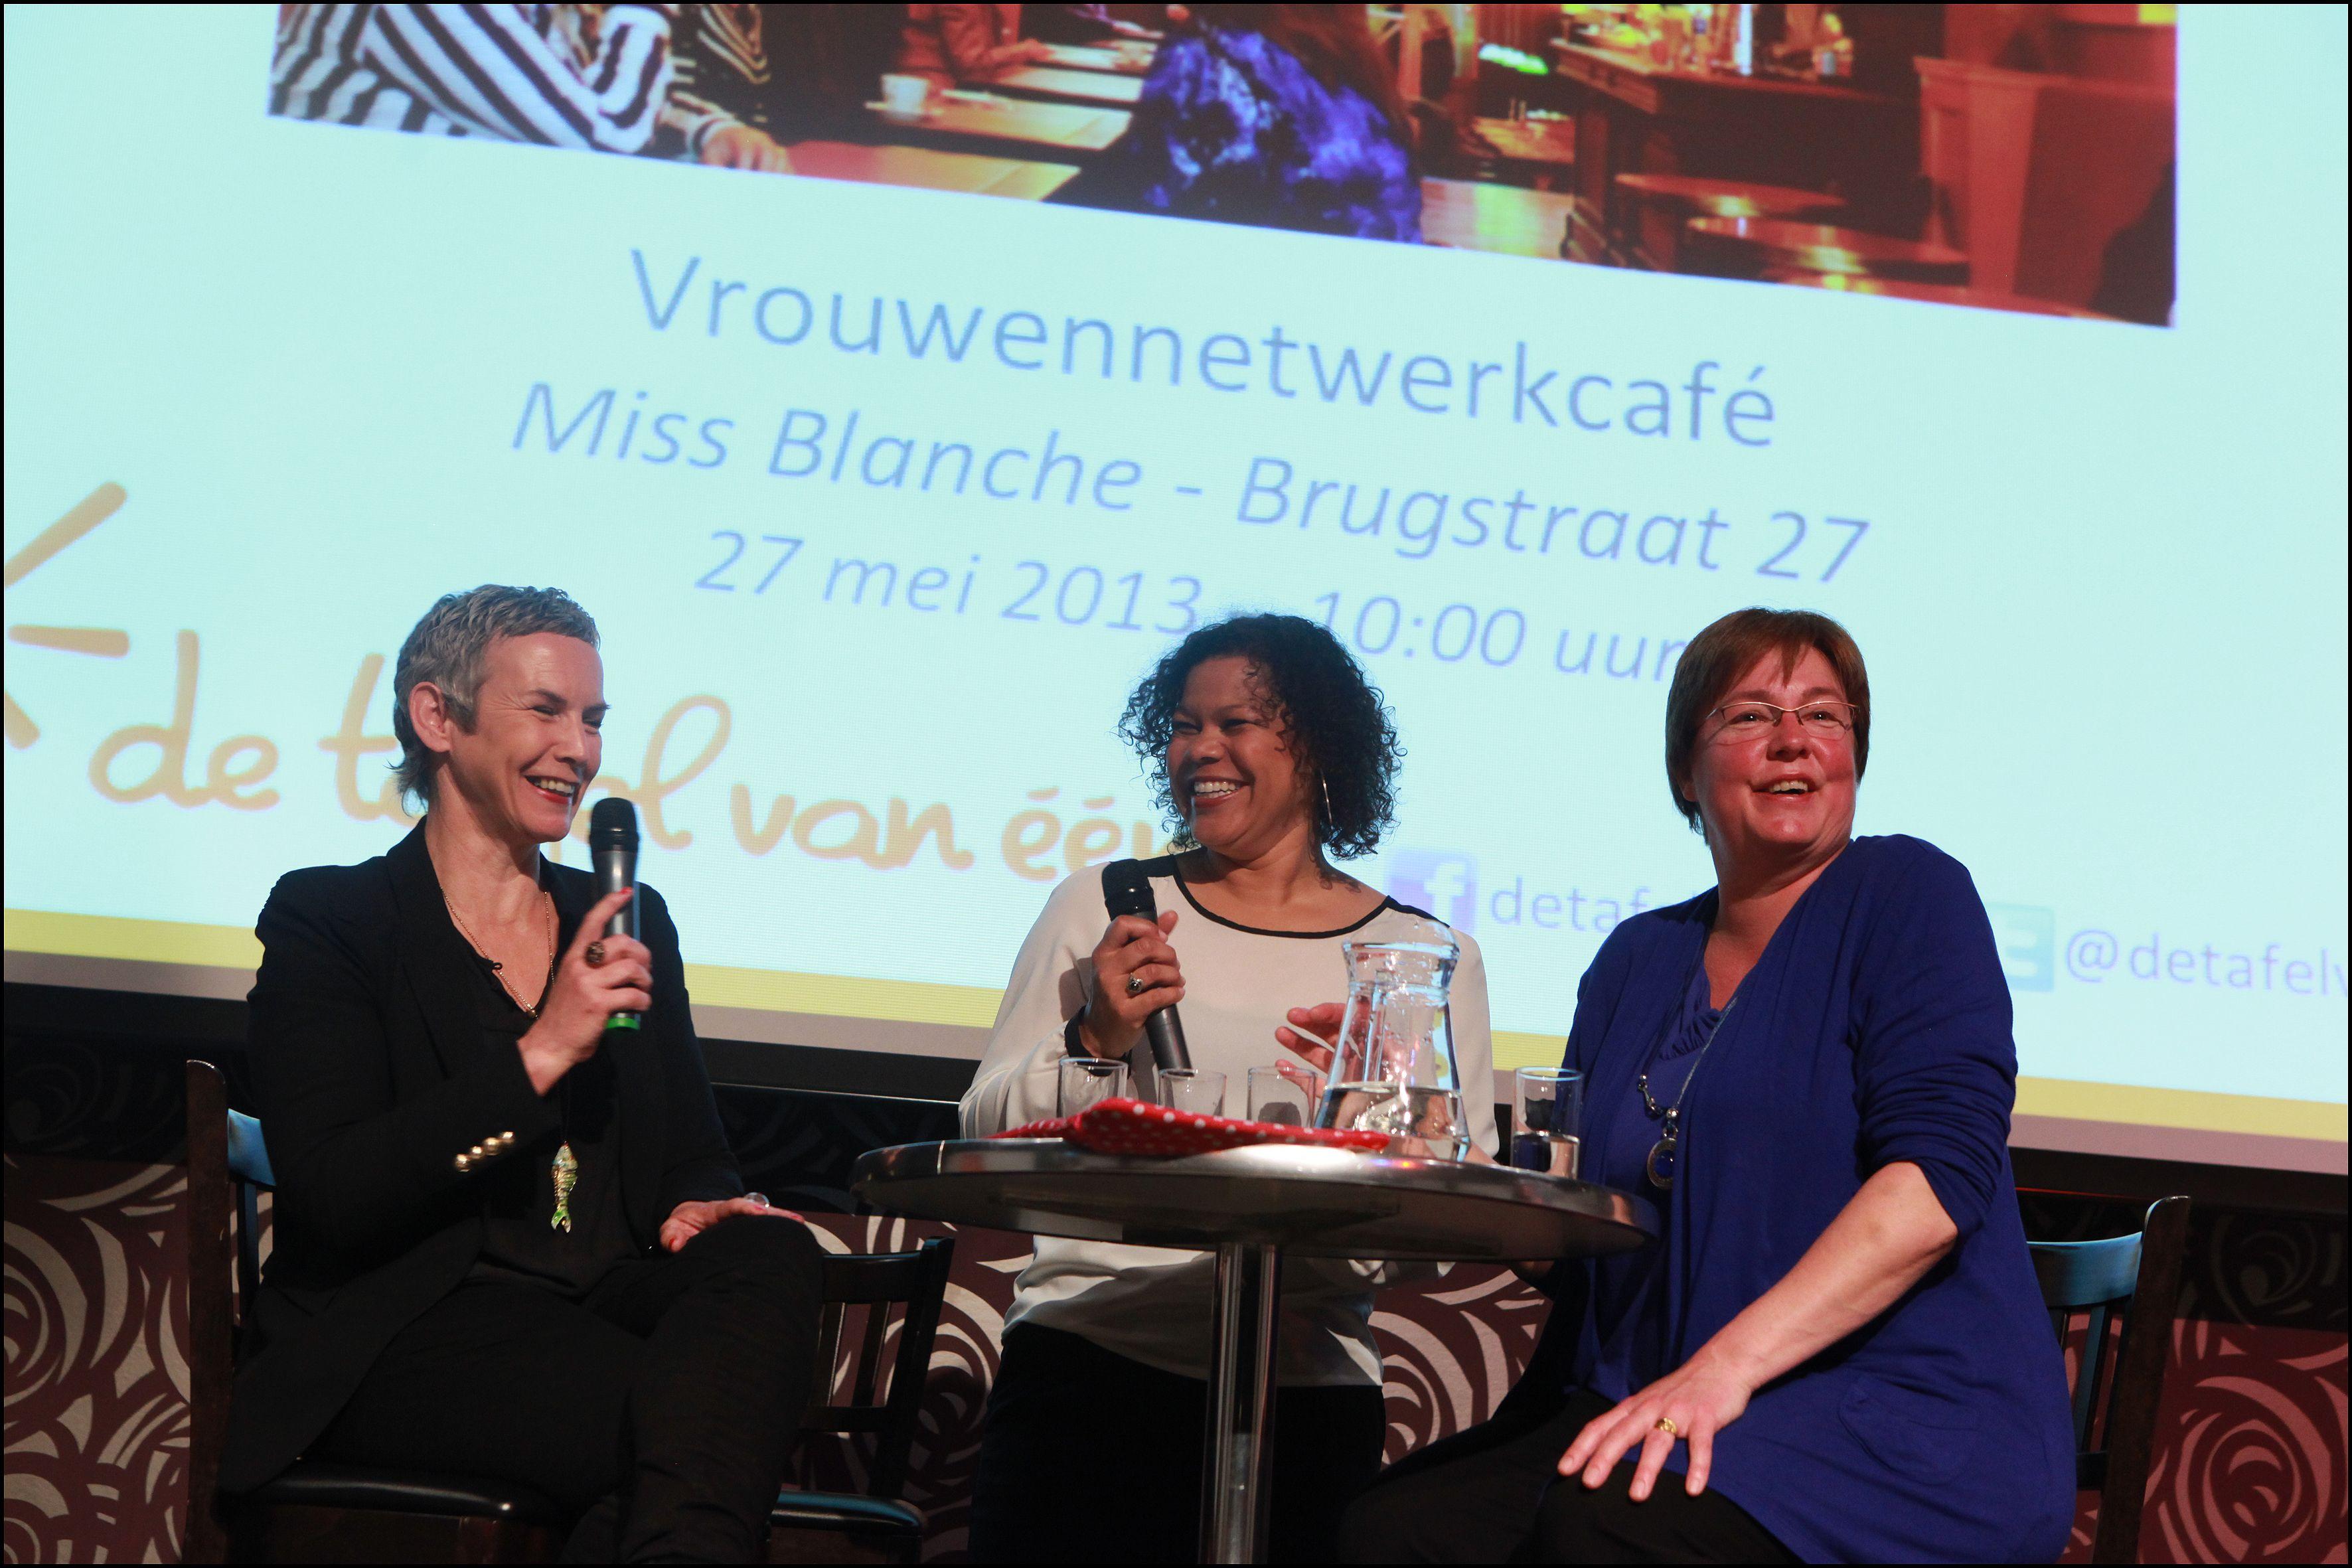 De tafel van één Ontbijtshow op 13 mei in Groningen was een groot succes. Ruim 200 enthousiaste vrouwen kwamen naar Martiniplaza. http://www.womeninc.nl/nieuwsbericht/de-tafel-van-n-ontbijtshow-in-groningen-een-groot-succes